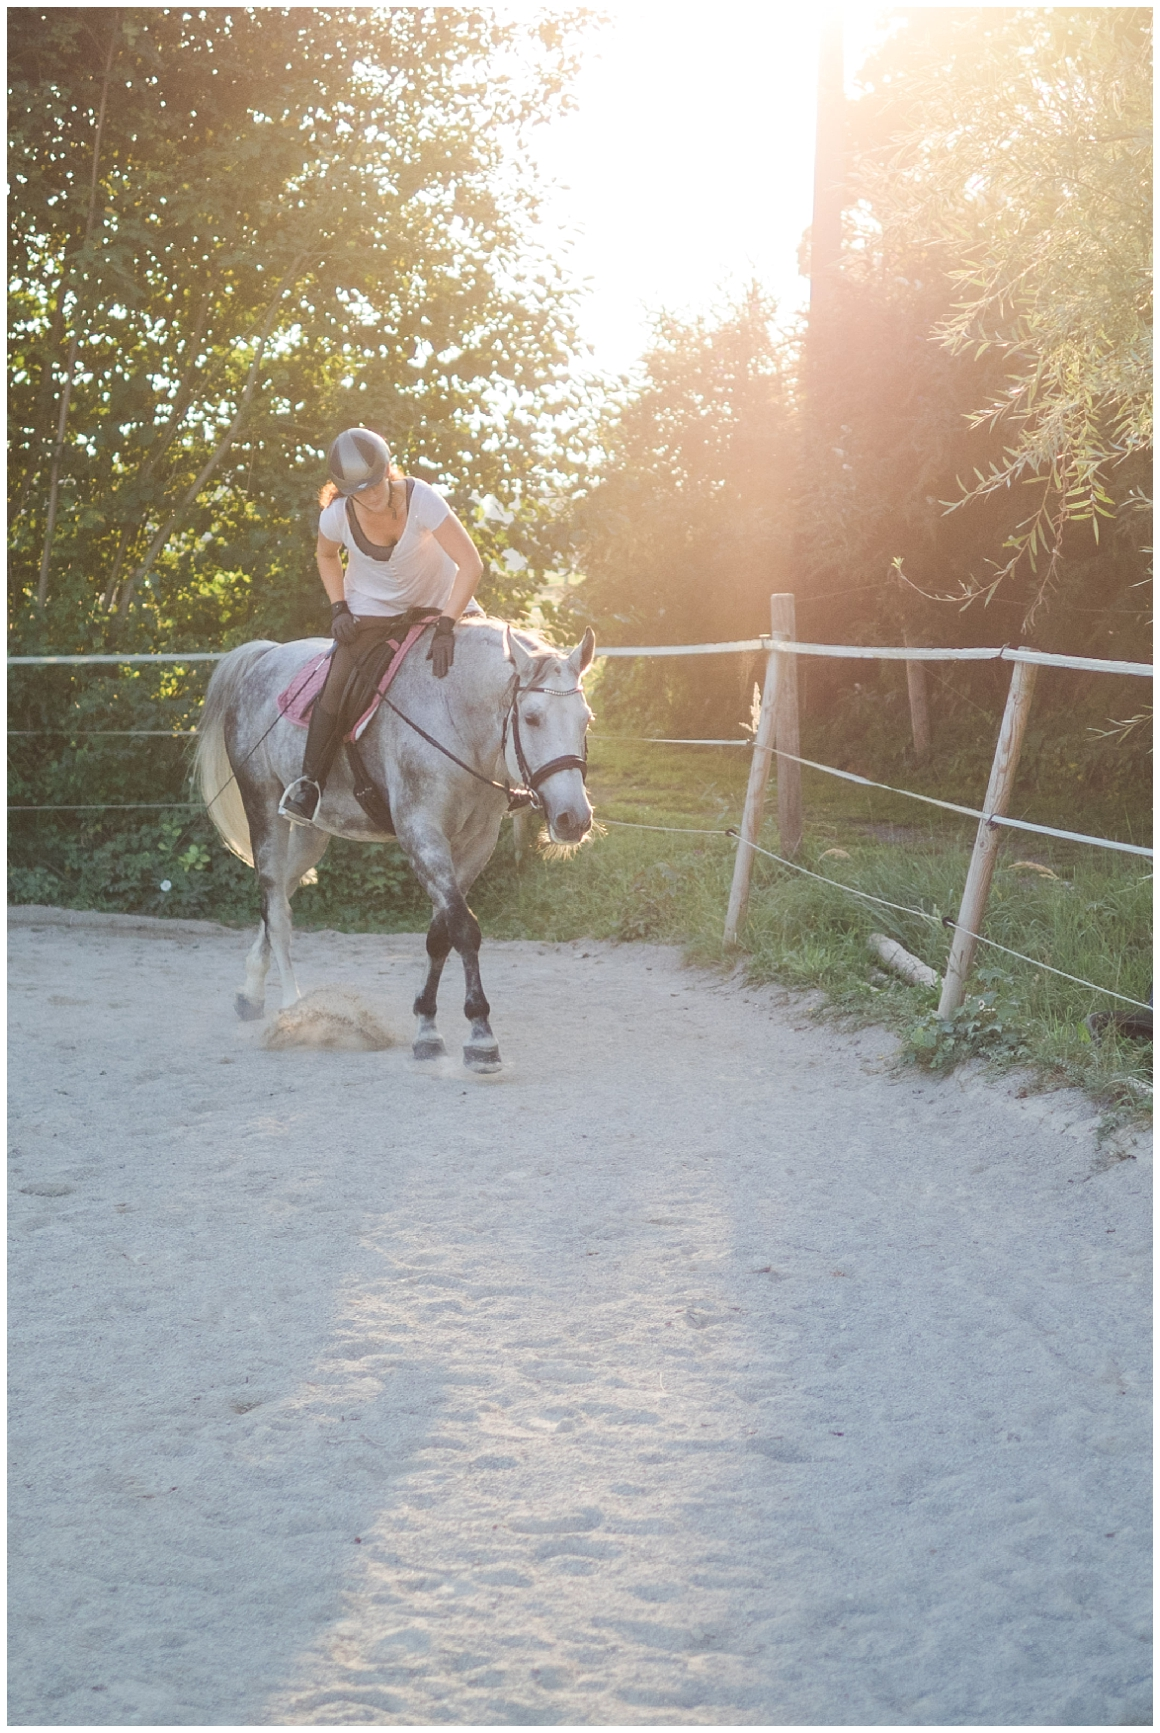 portraitfotos-mit-pferd-pferdefotograf-münchen-rosenheim-natürliche-fotos-katrin-kind-photography_0043.jpg